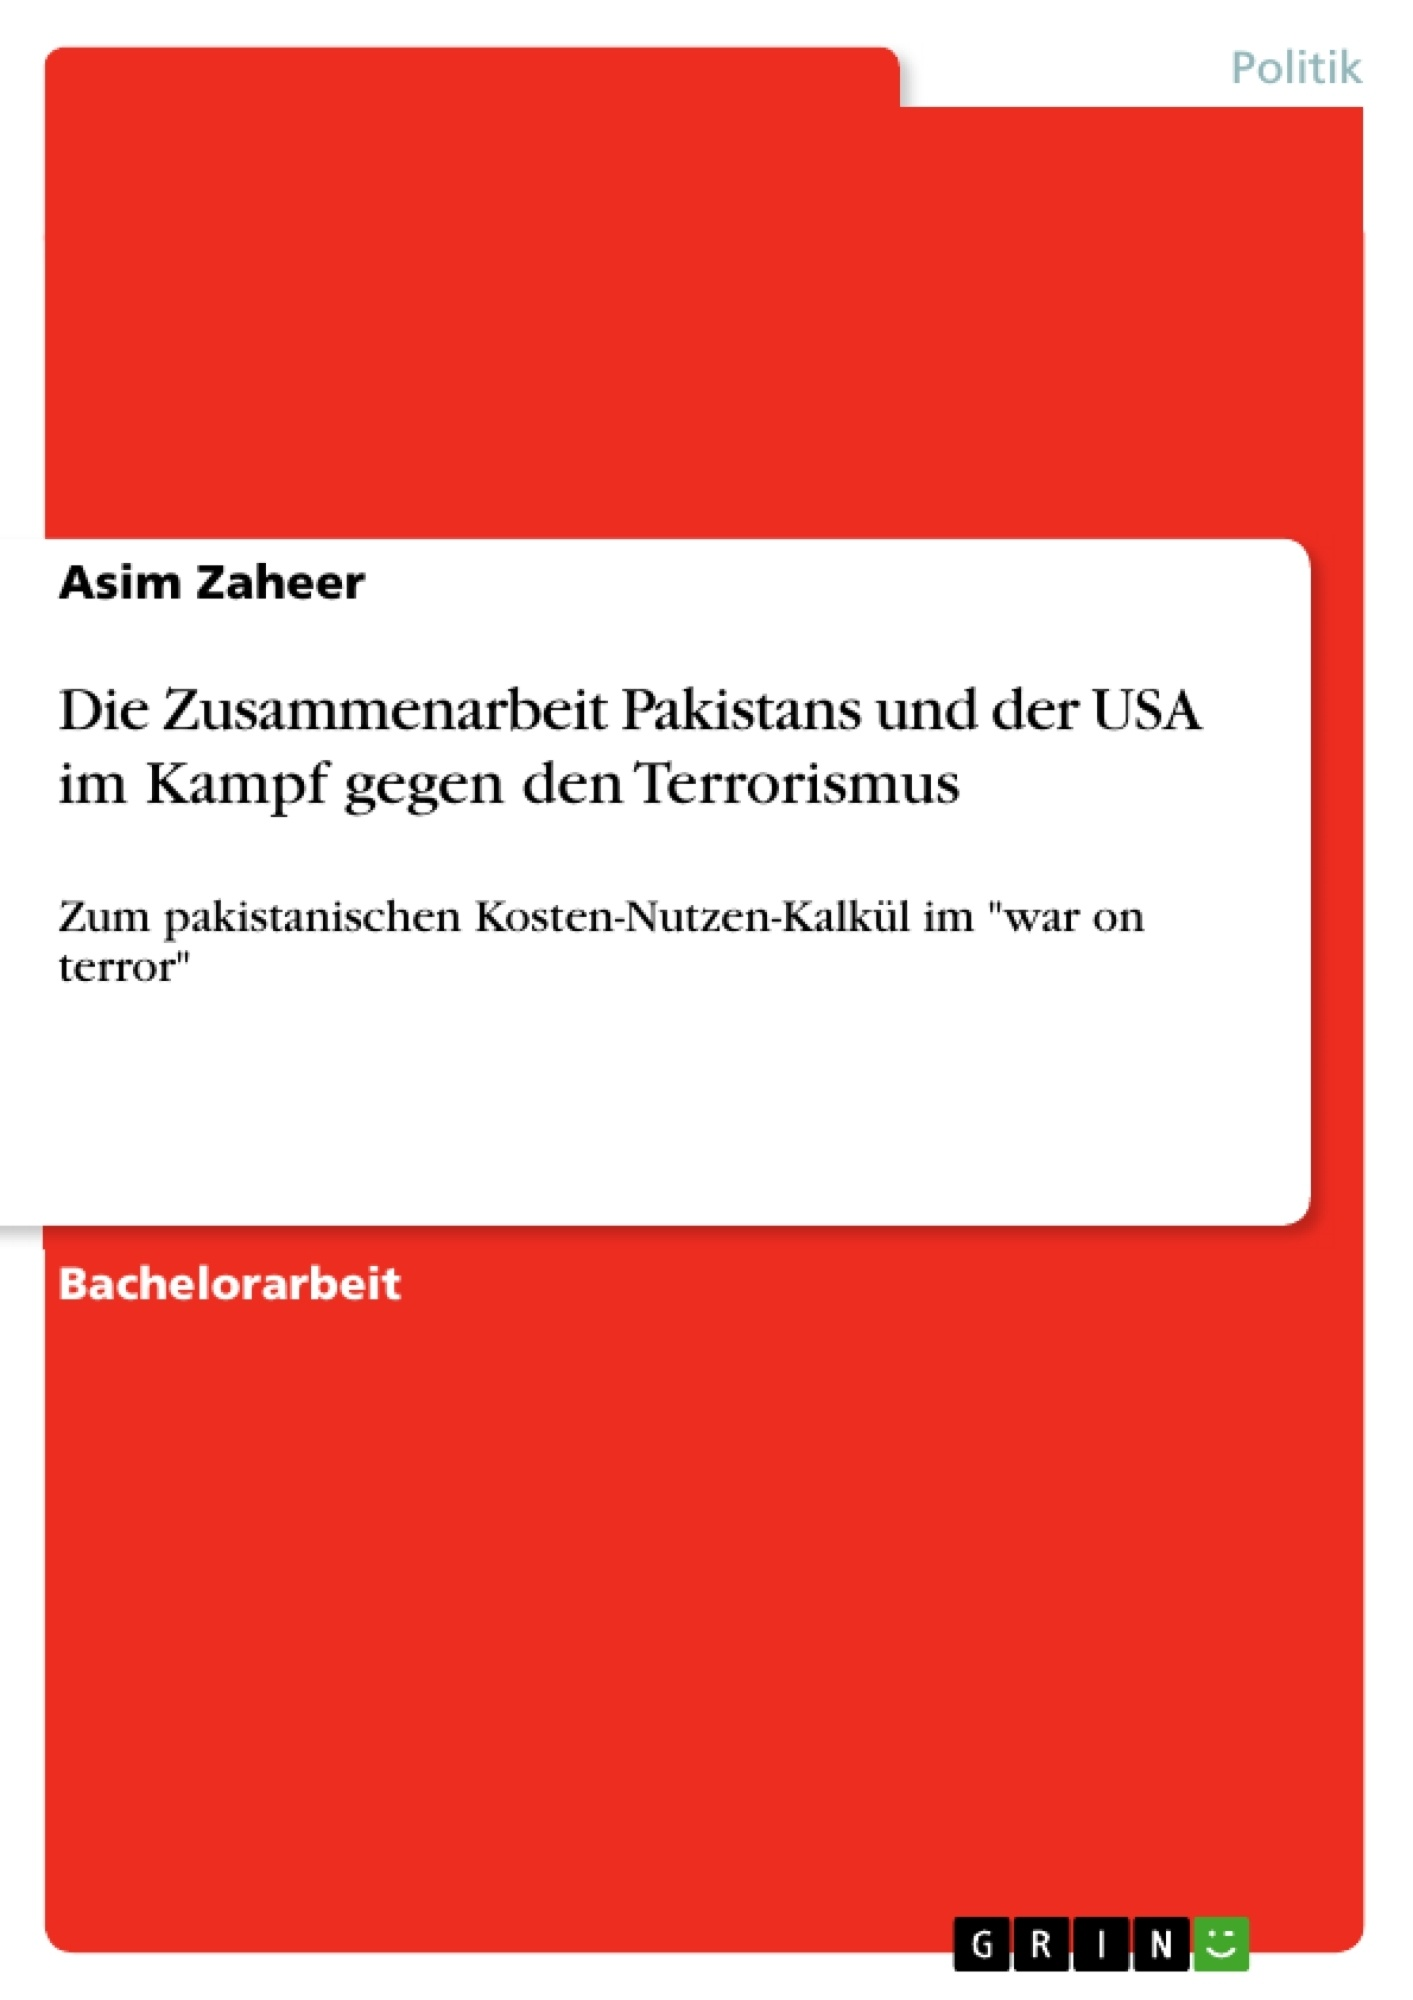 Titel: Die Zusammenarbeit Pakistans und der USA im Kampf gegen den Terrorismus